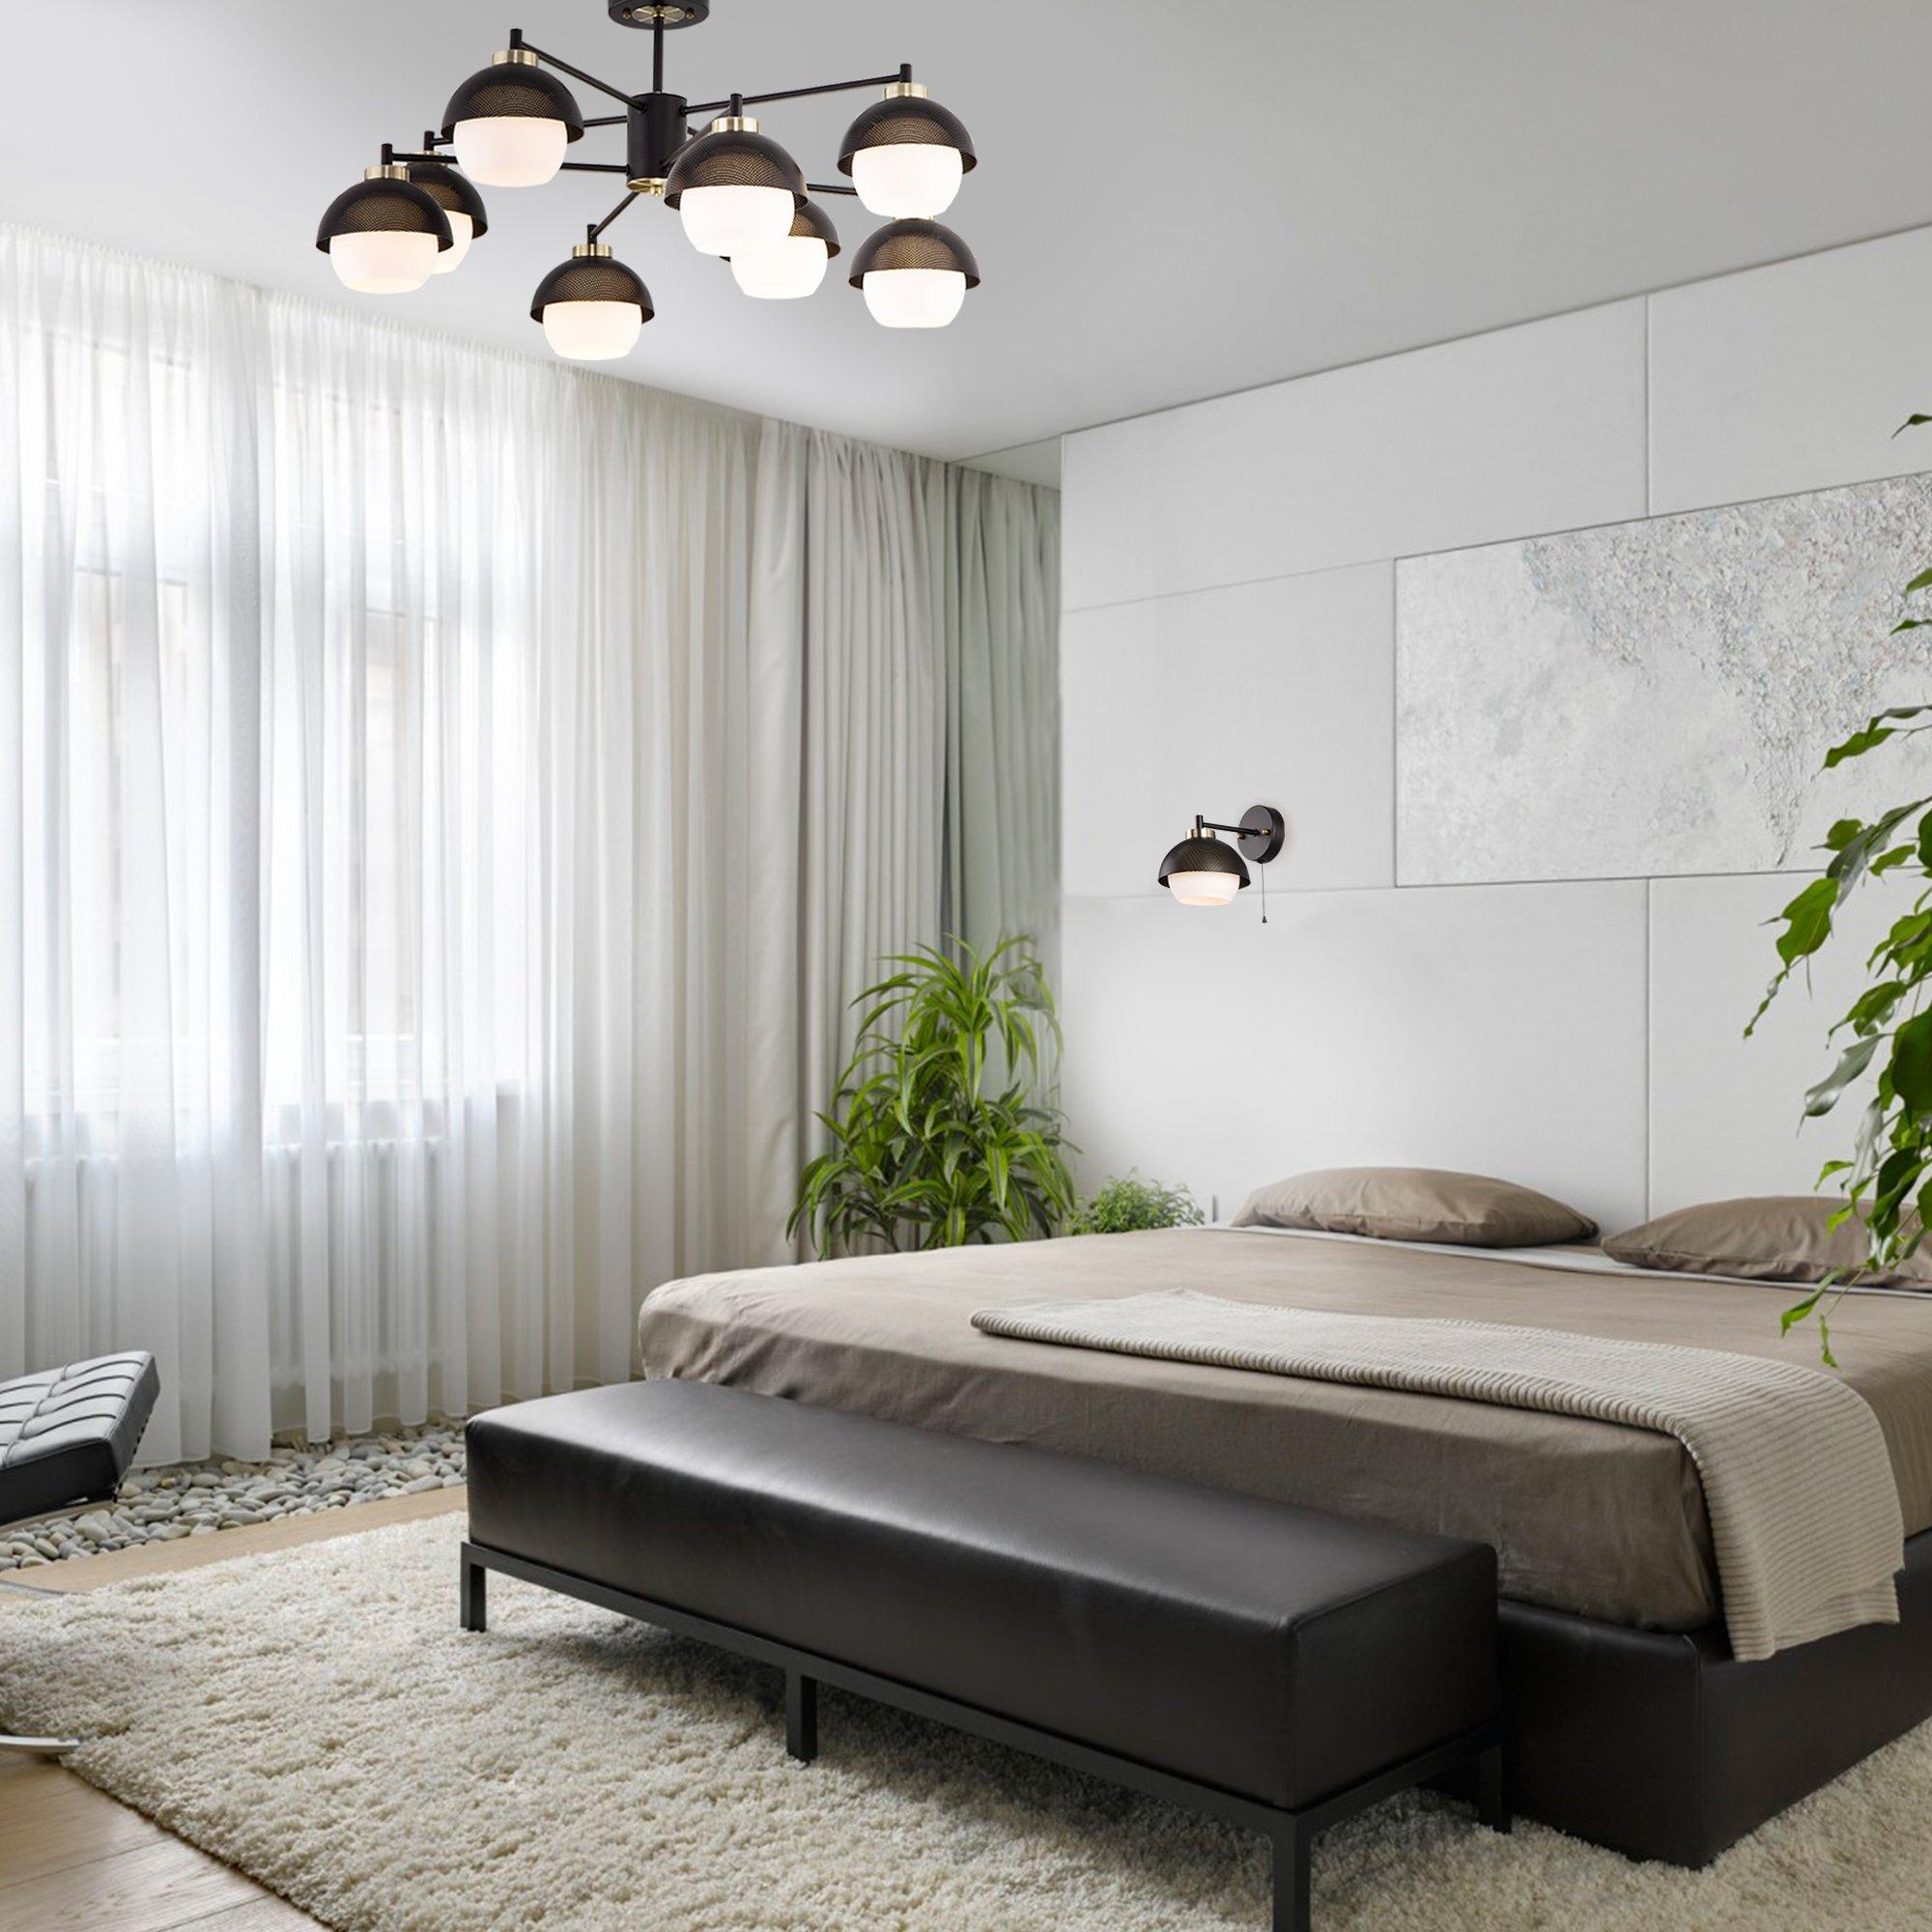 можно дизайн спальни фото современные идеи поездки москве